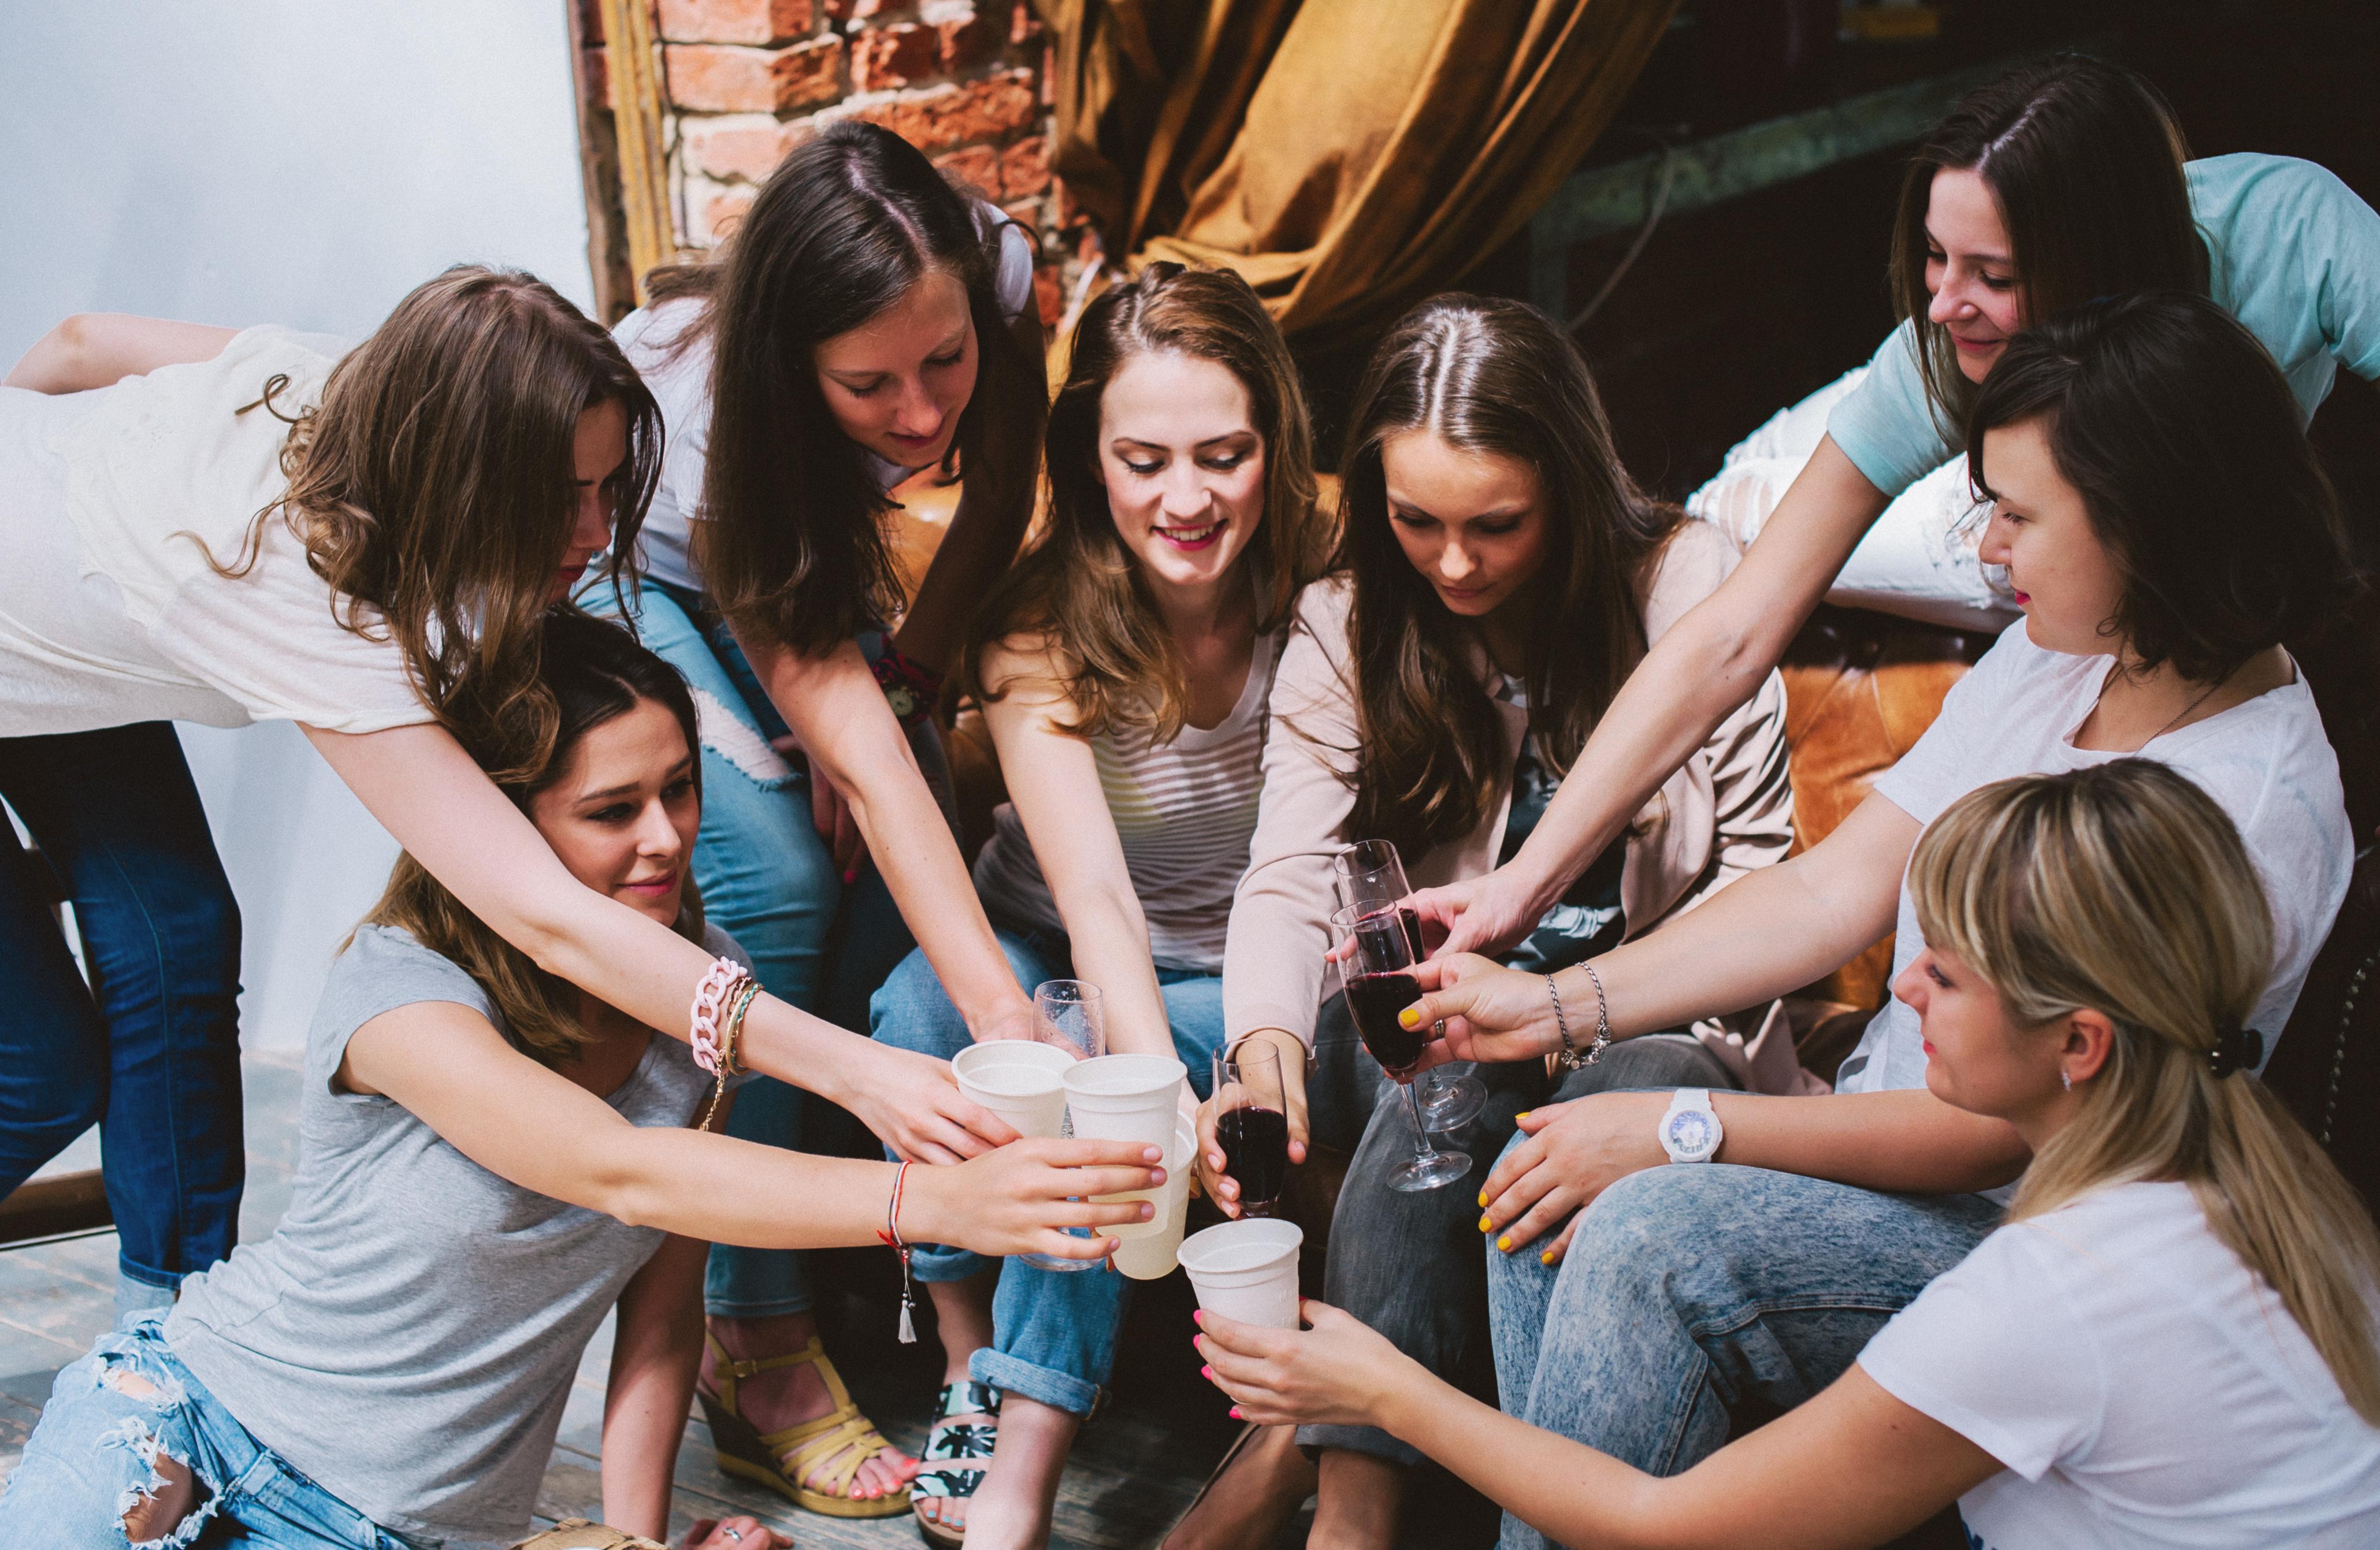 Фото девичник с парнями, Раскованные невесты трахаются после девичника порно 24 фотография